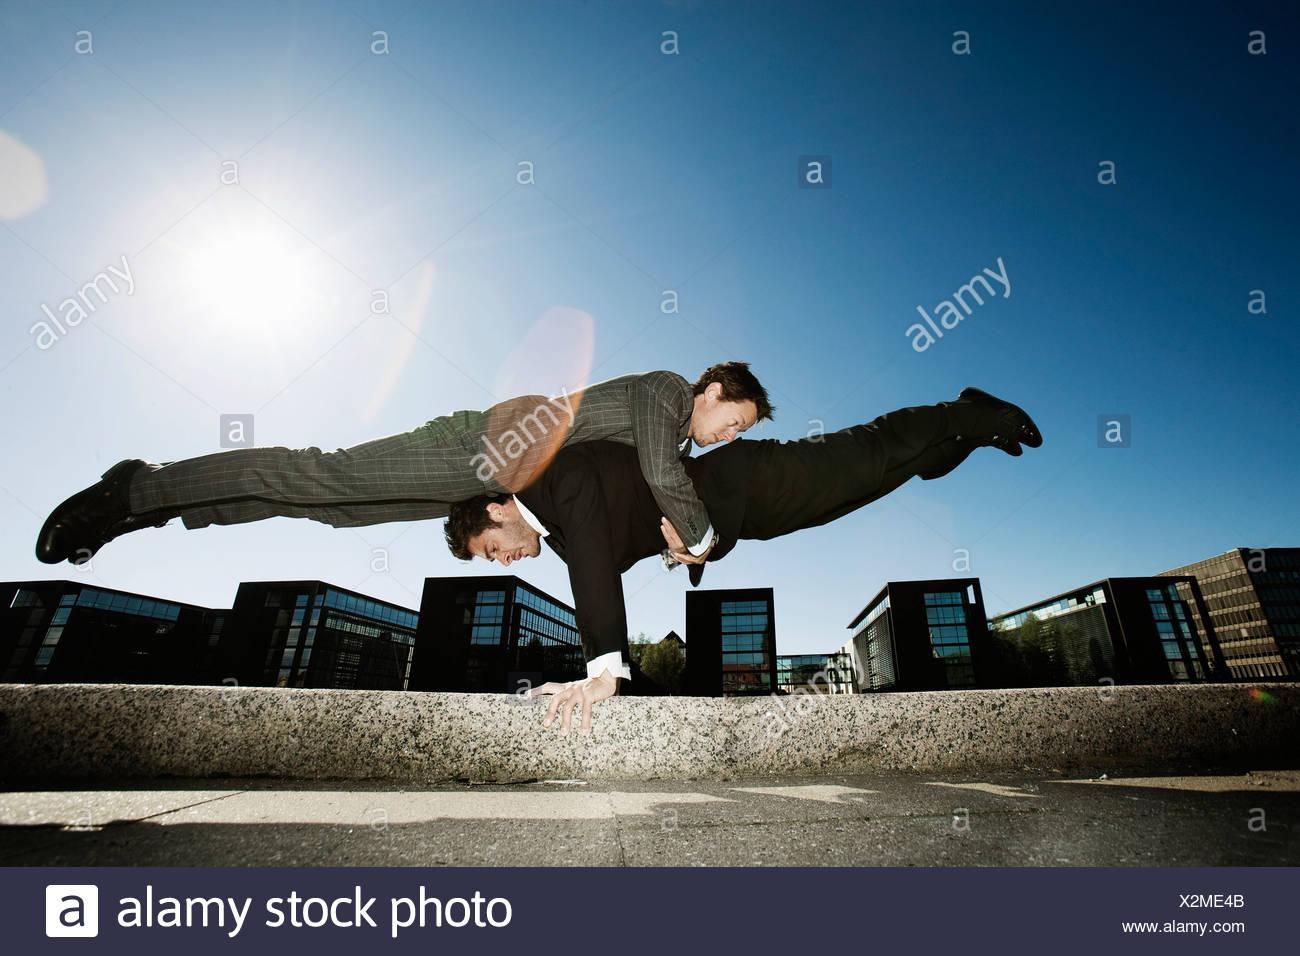 2 men teamworking - Stock Image